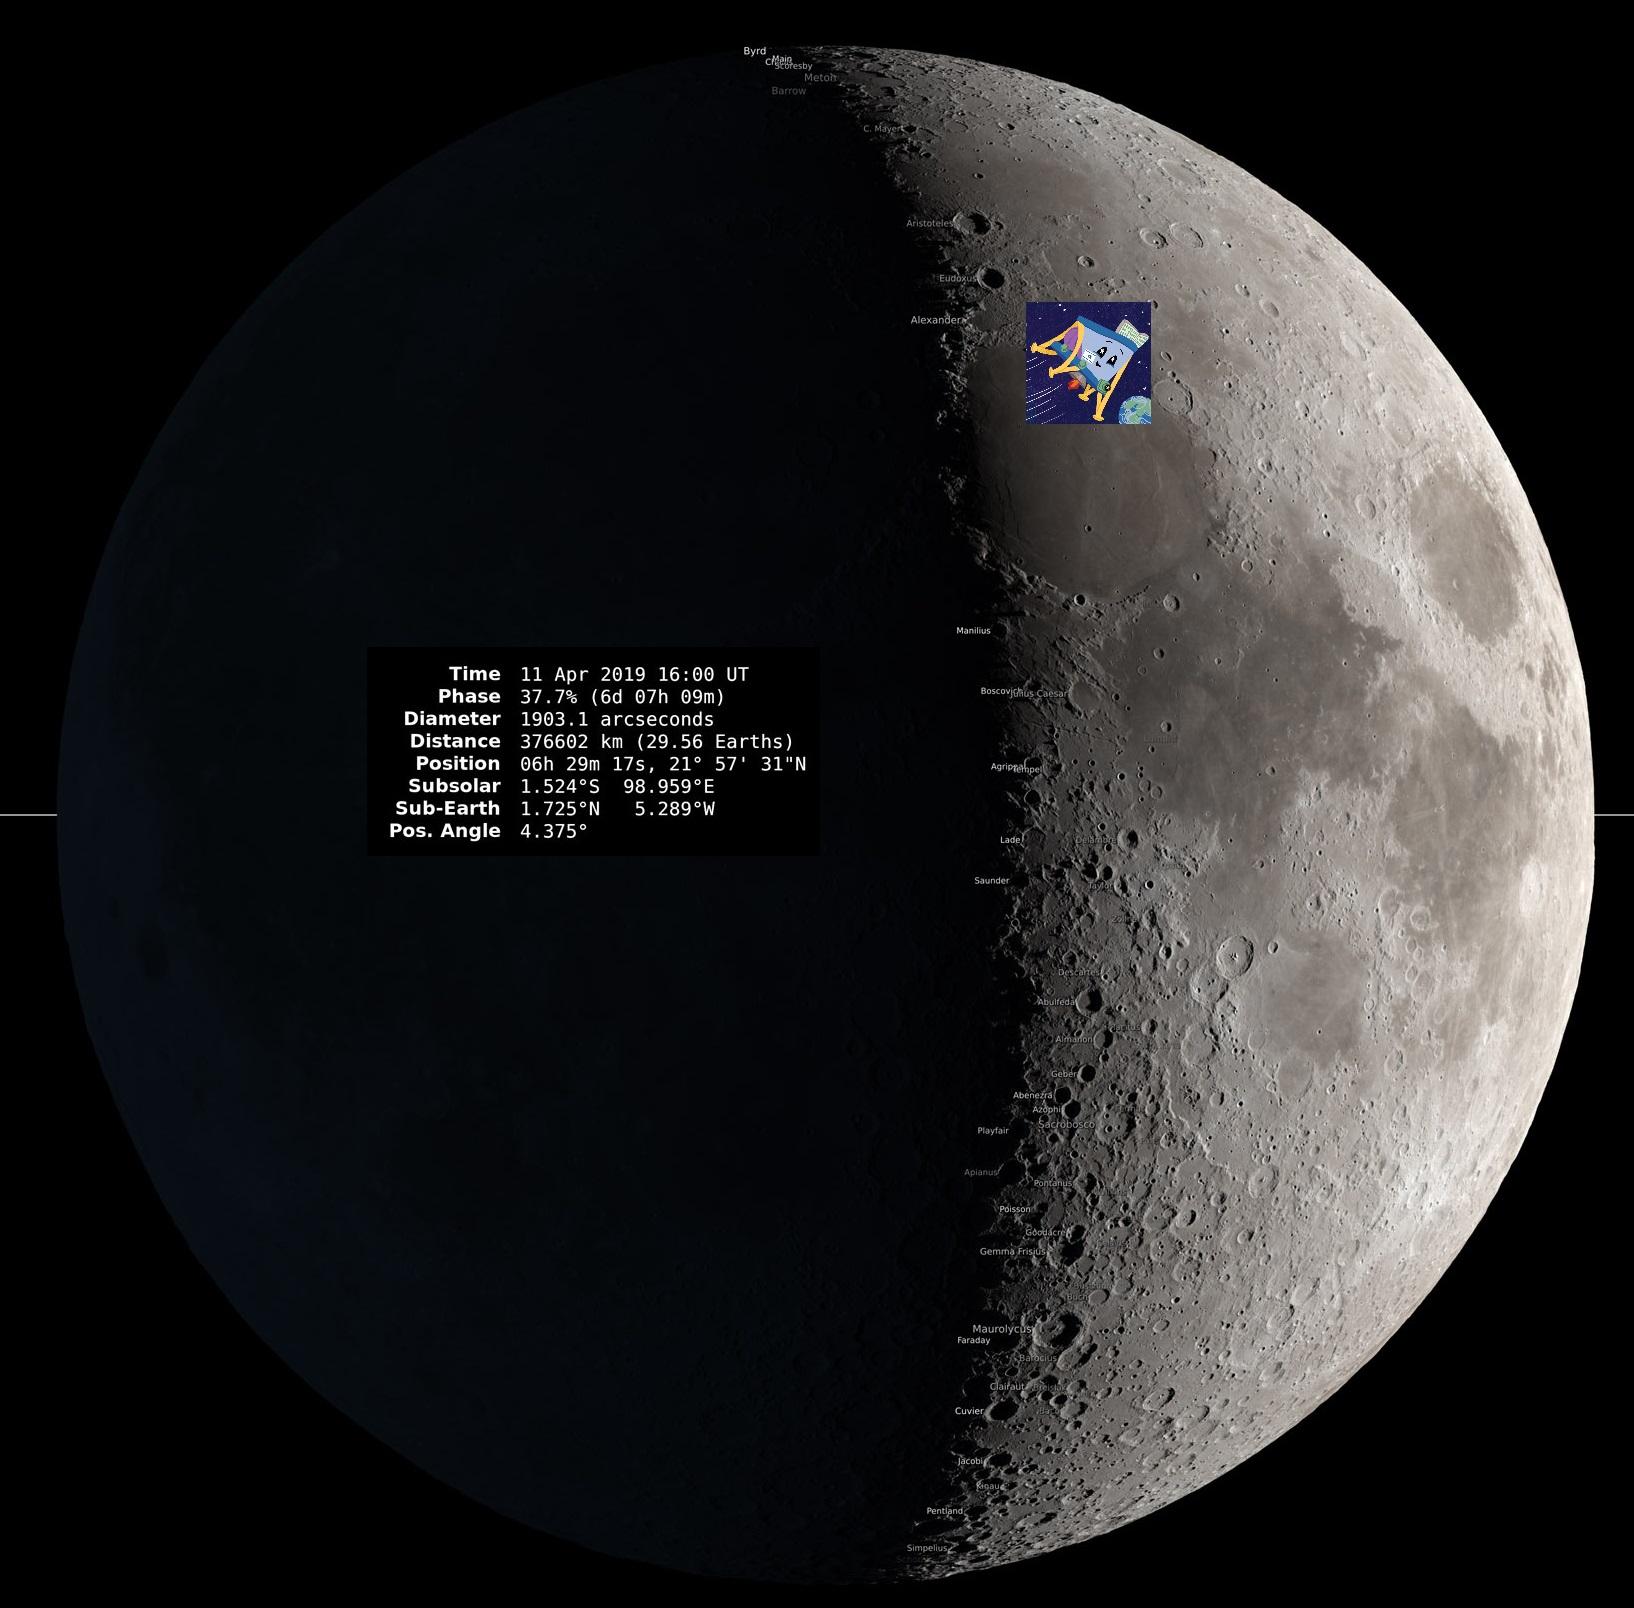 Лунная миссия «Берешит» — четвертый маневр завершен успешно, идет подготовка к выходу на Лунную орбиту - 19